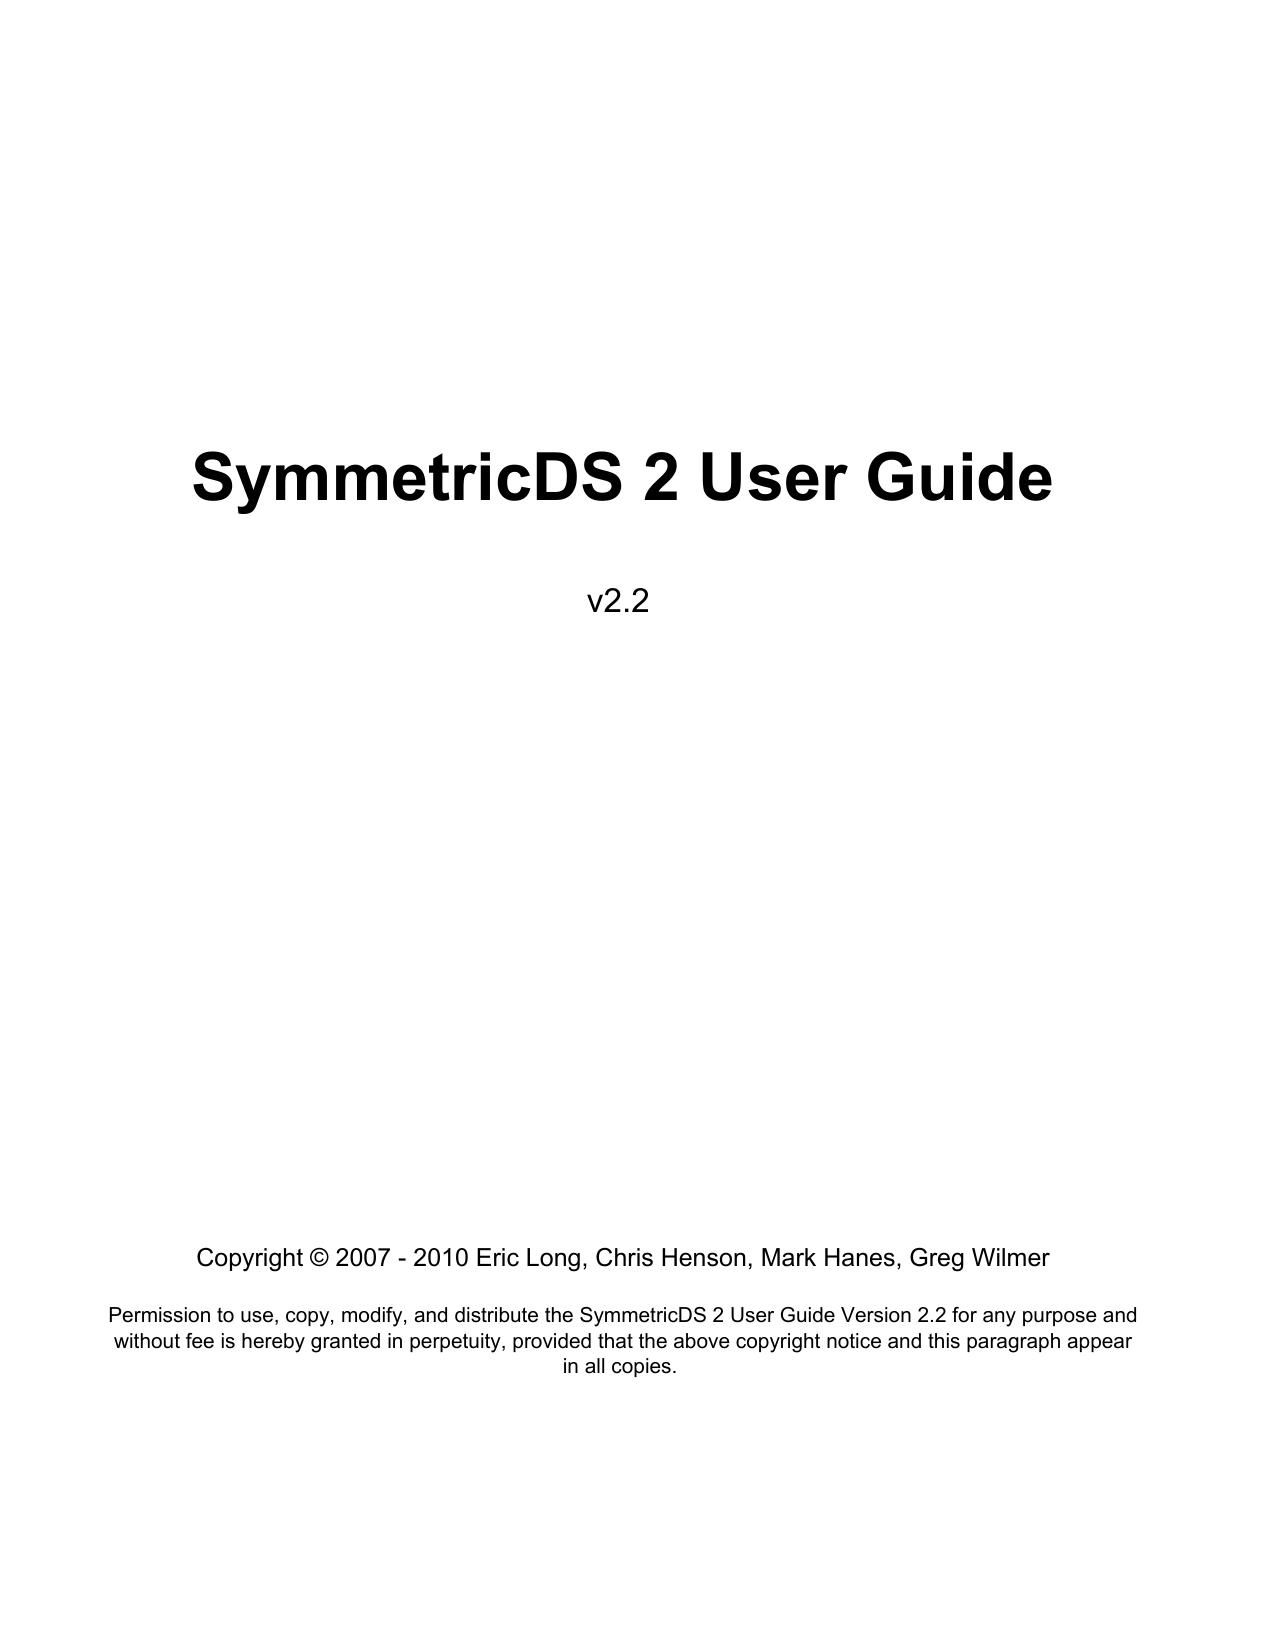 SymmetricDS 2 User Guide | manualzz com